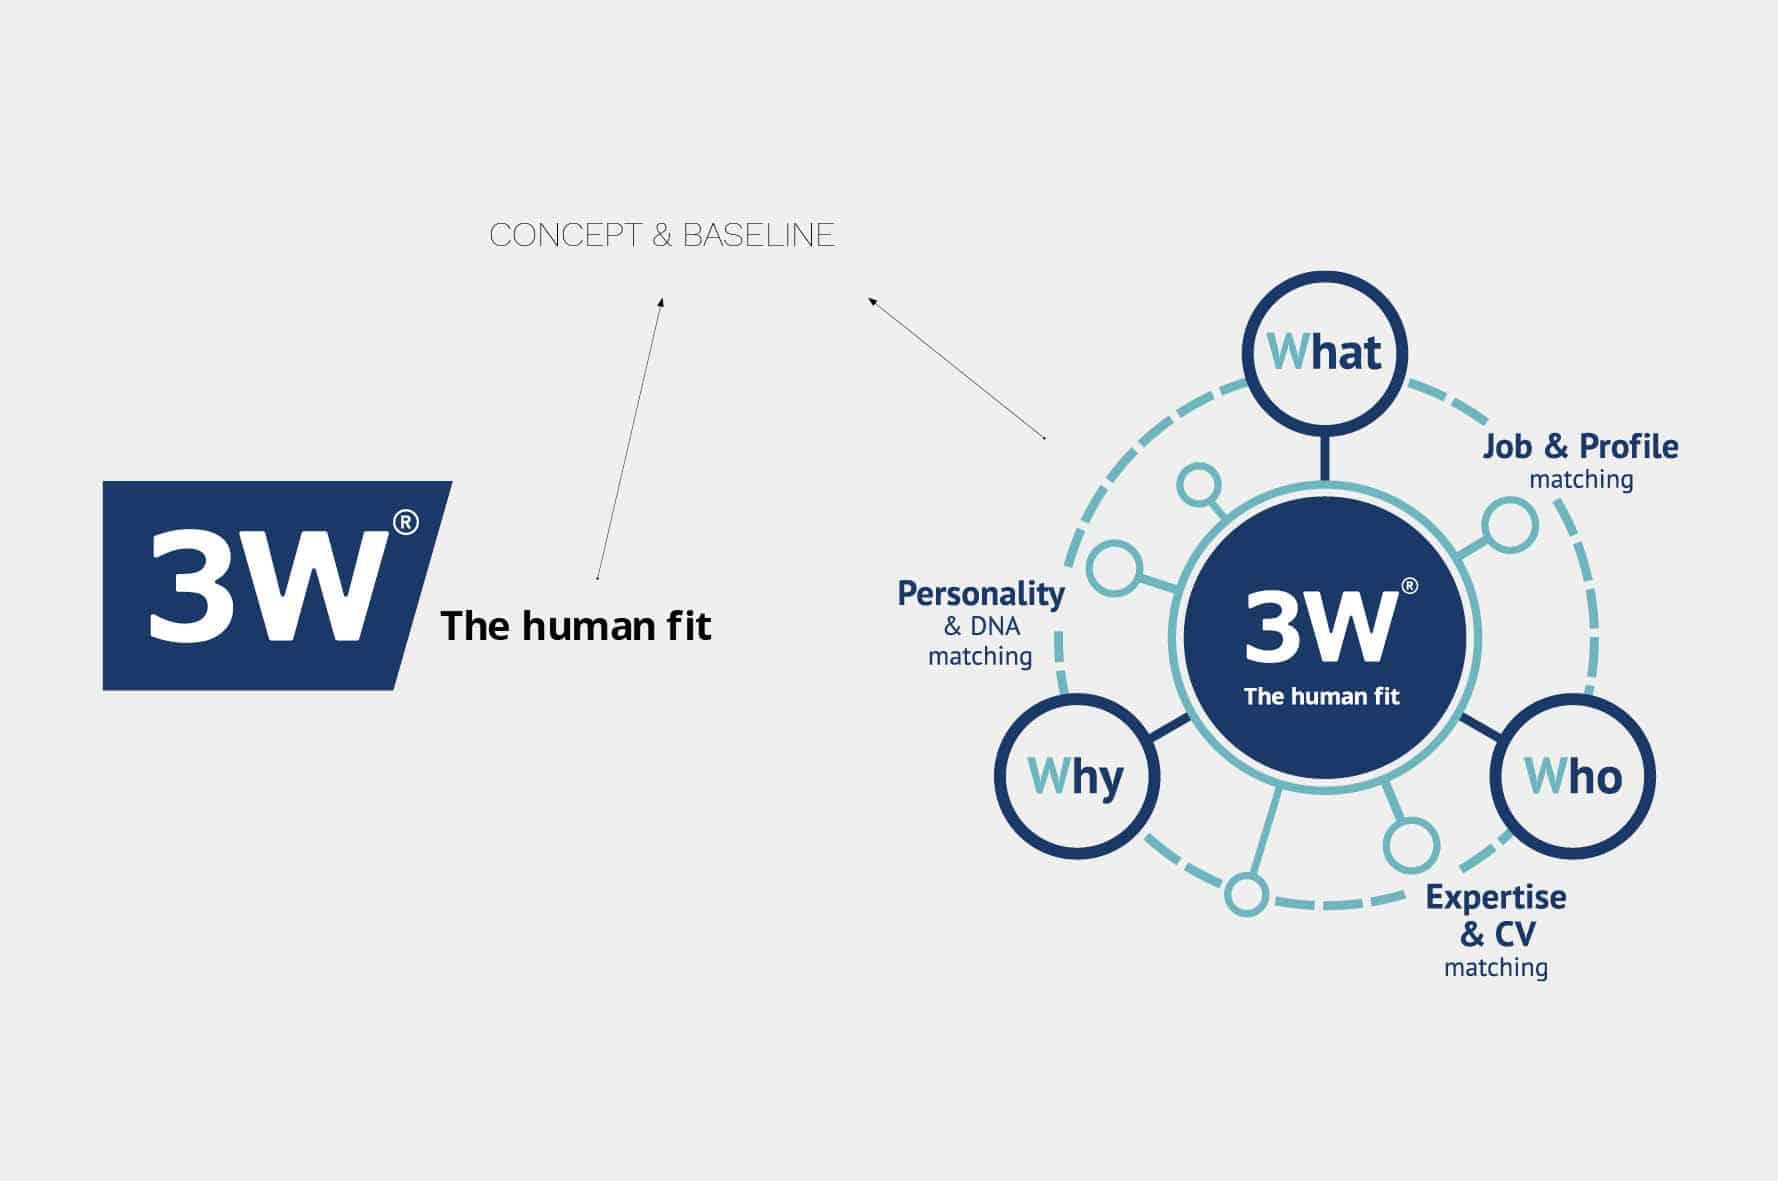 Concept & baseline, 3W